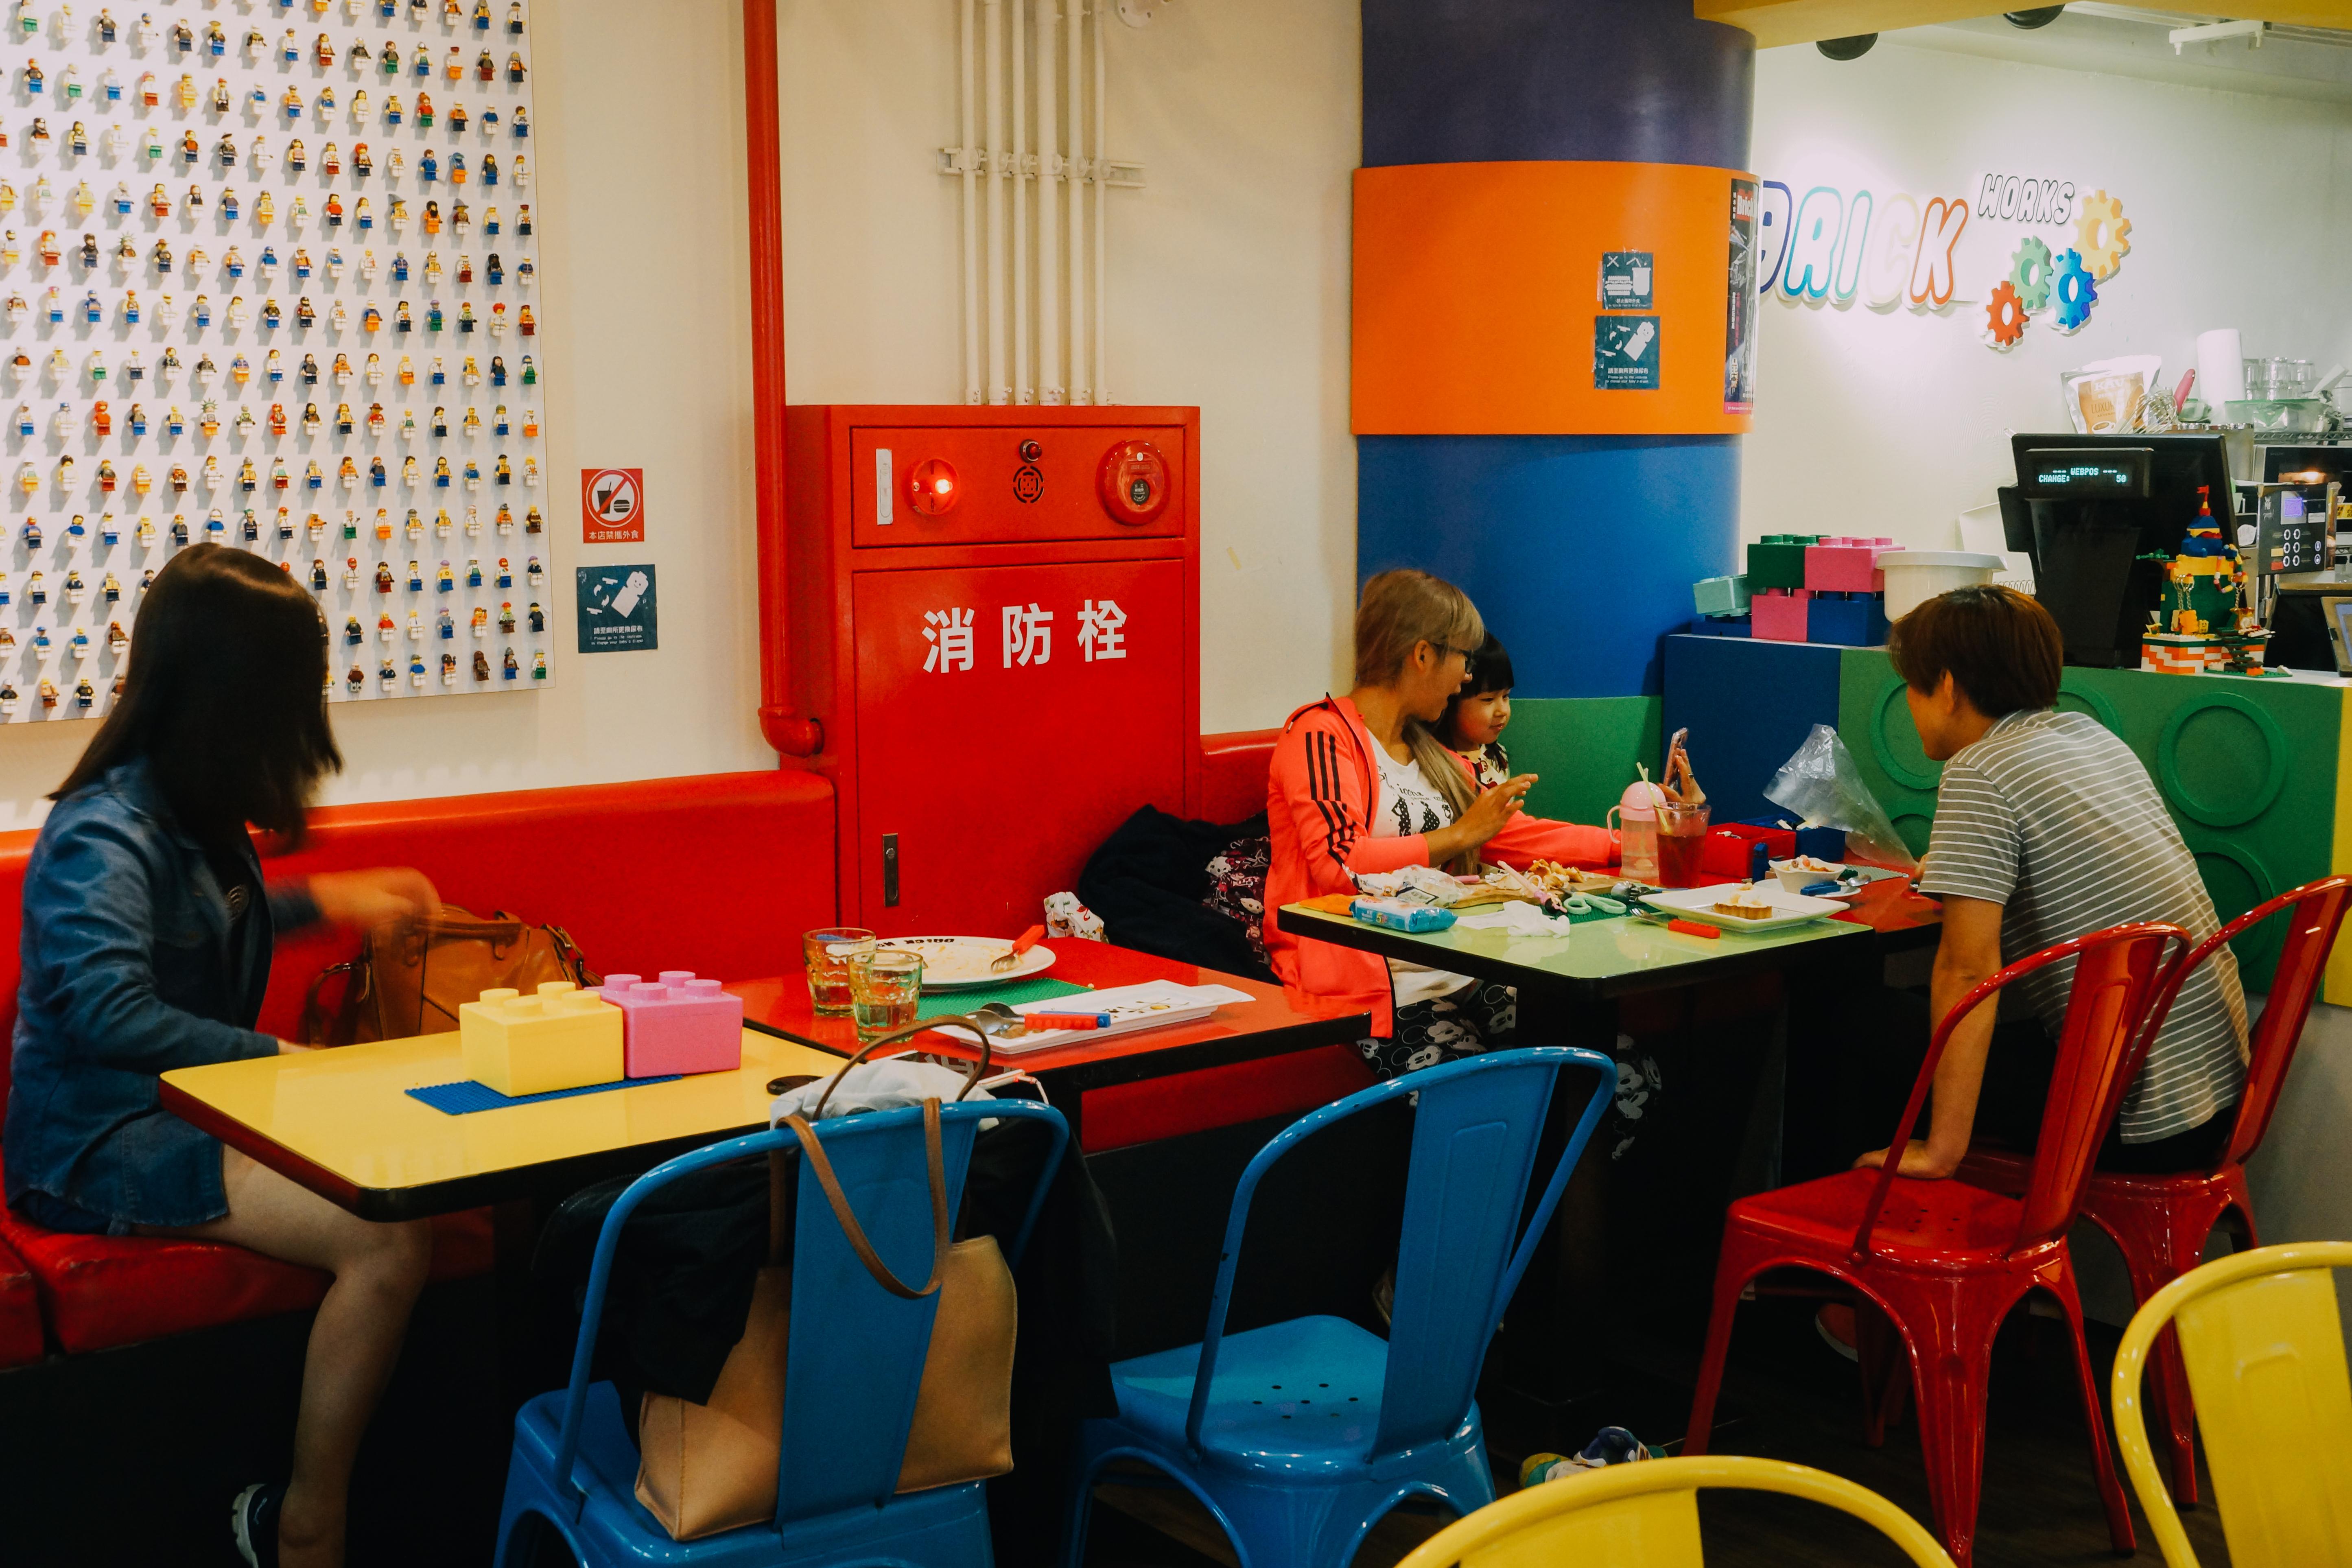 家長帶小朋友體驗主題餐廳遊戲與食物結合的樂趣。攝影/潘姿穎